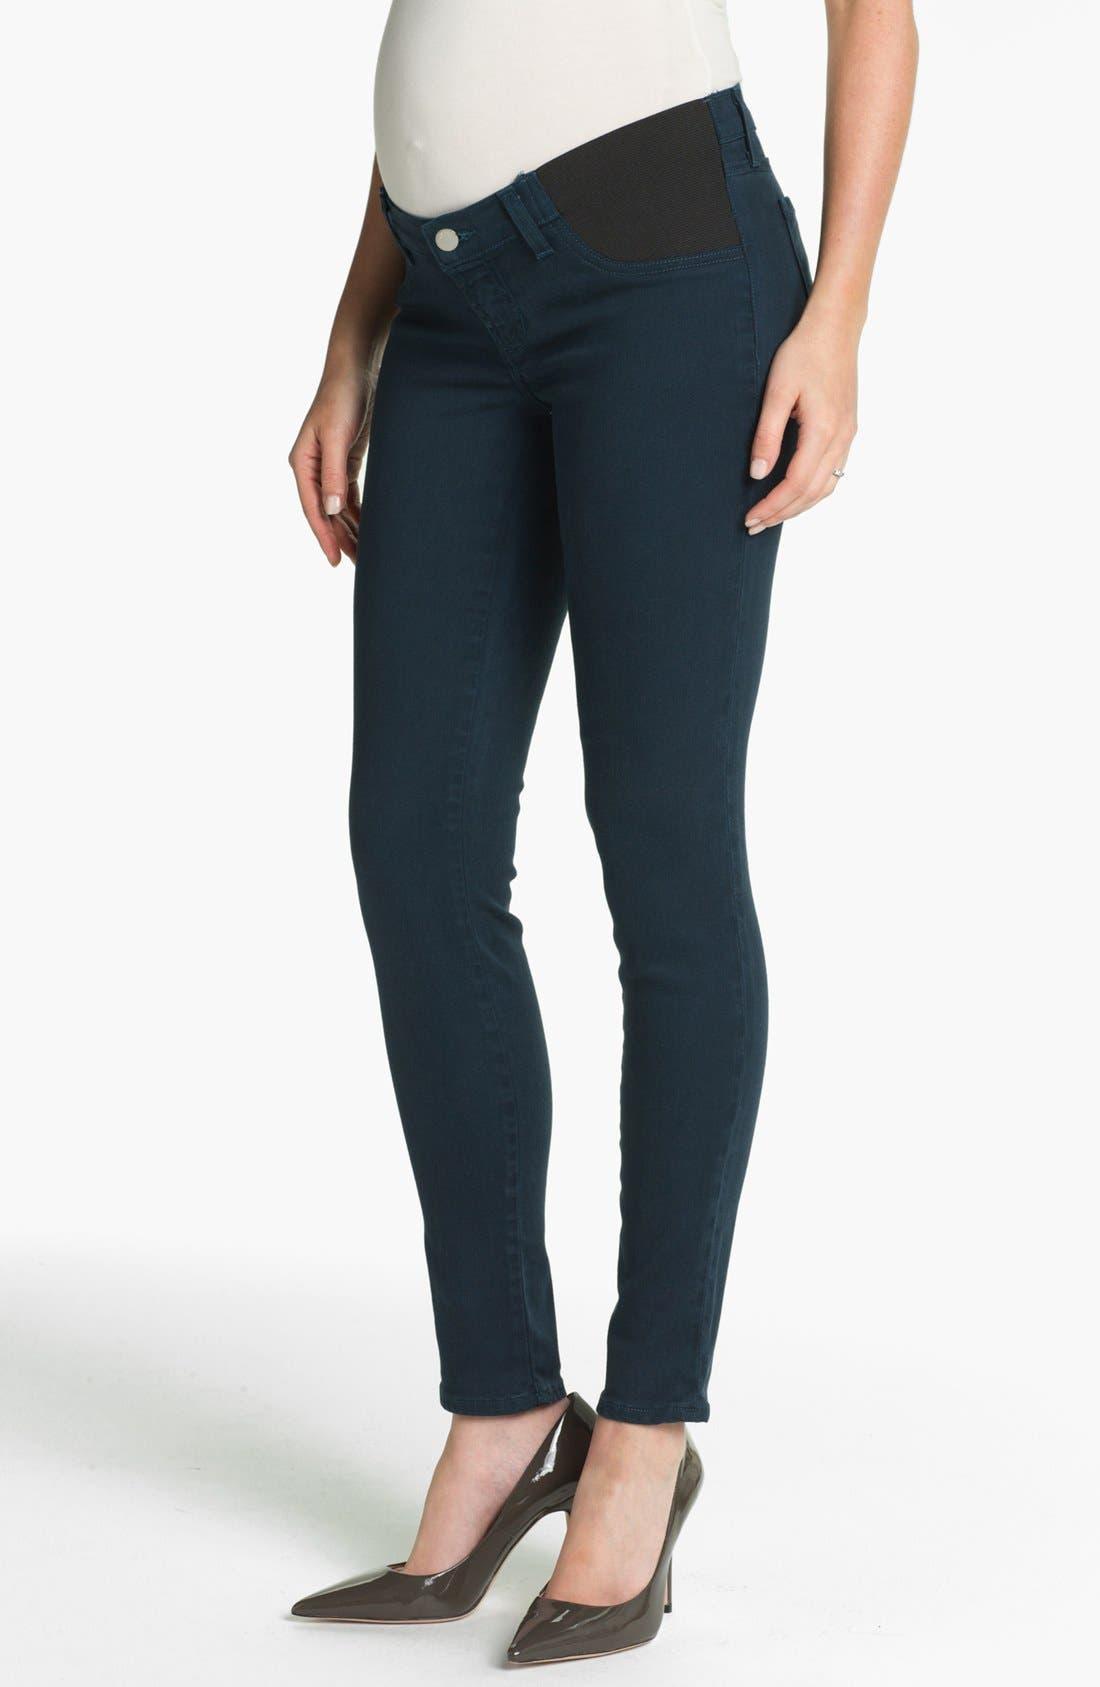 Alternate Image 1 Selected - J Brand Denim Maternity Leggings (Nirvana Blue)